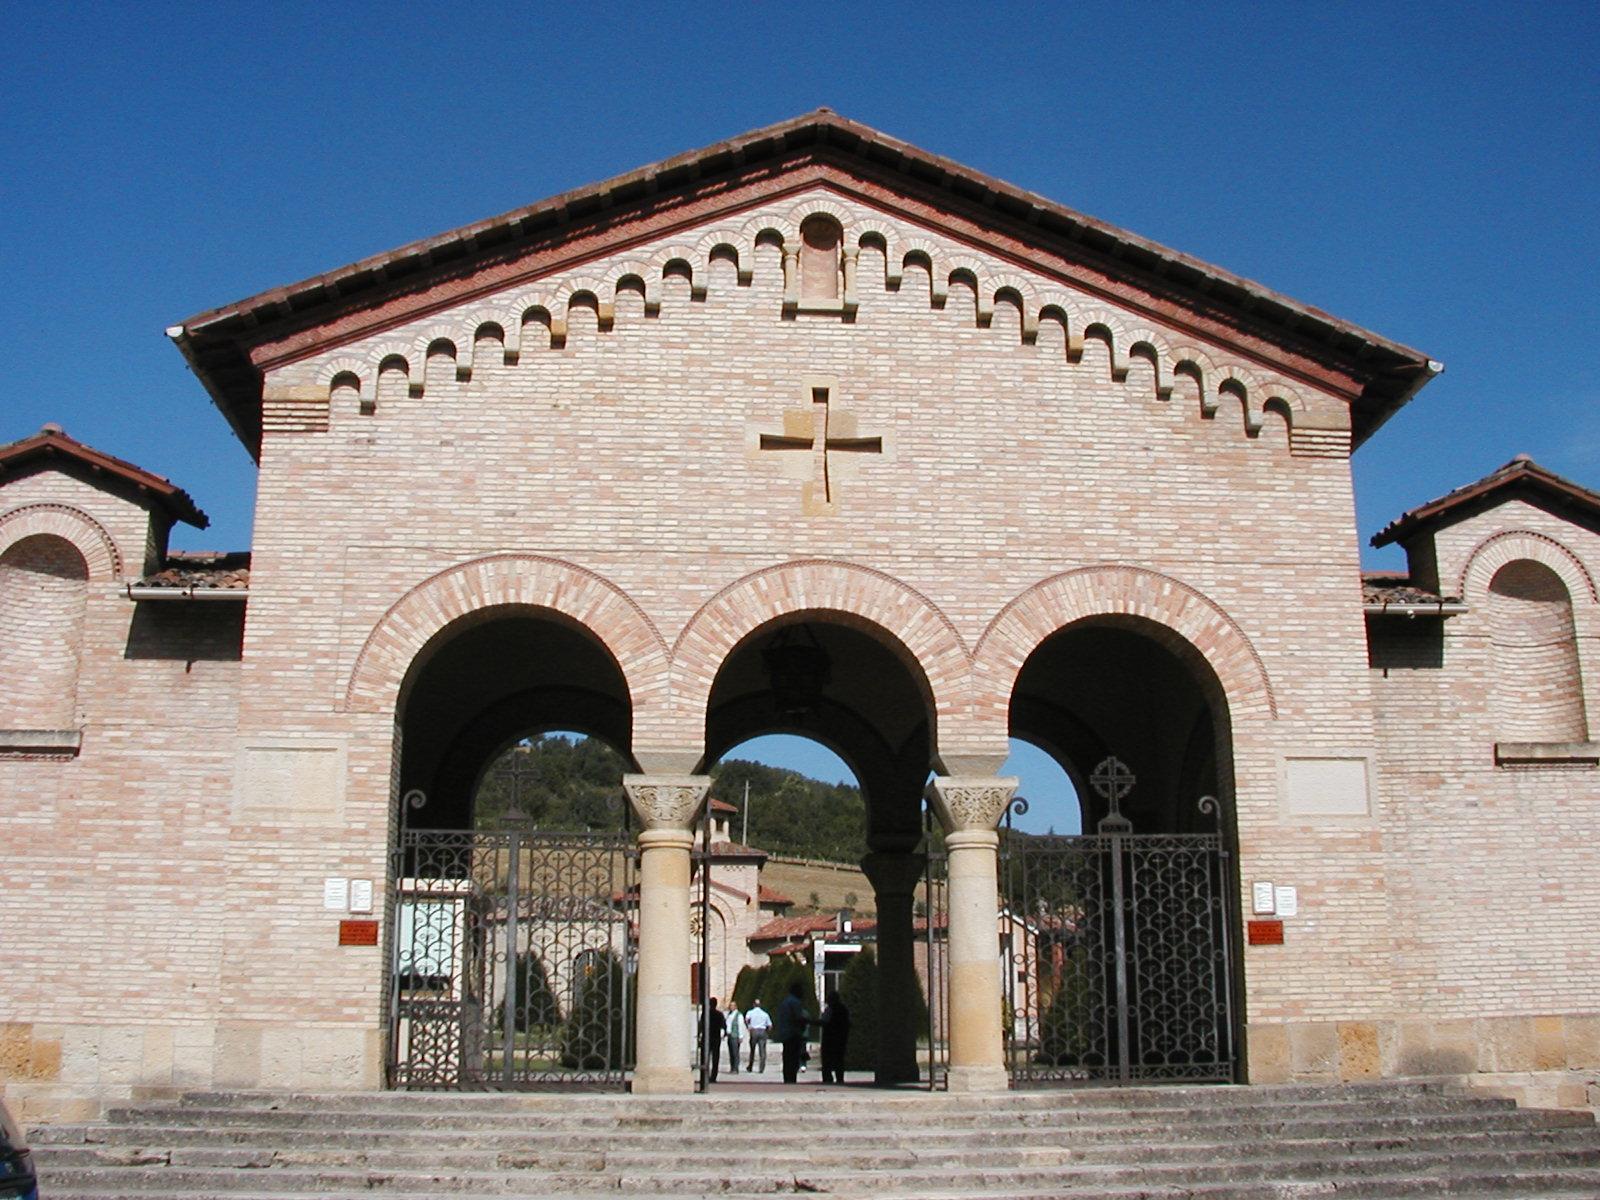 Cimitero Monumentale Predappio Fc turismo forlivese: sito ufficiale di informazione turistica